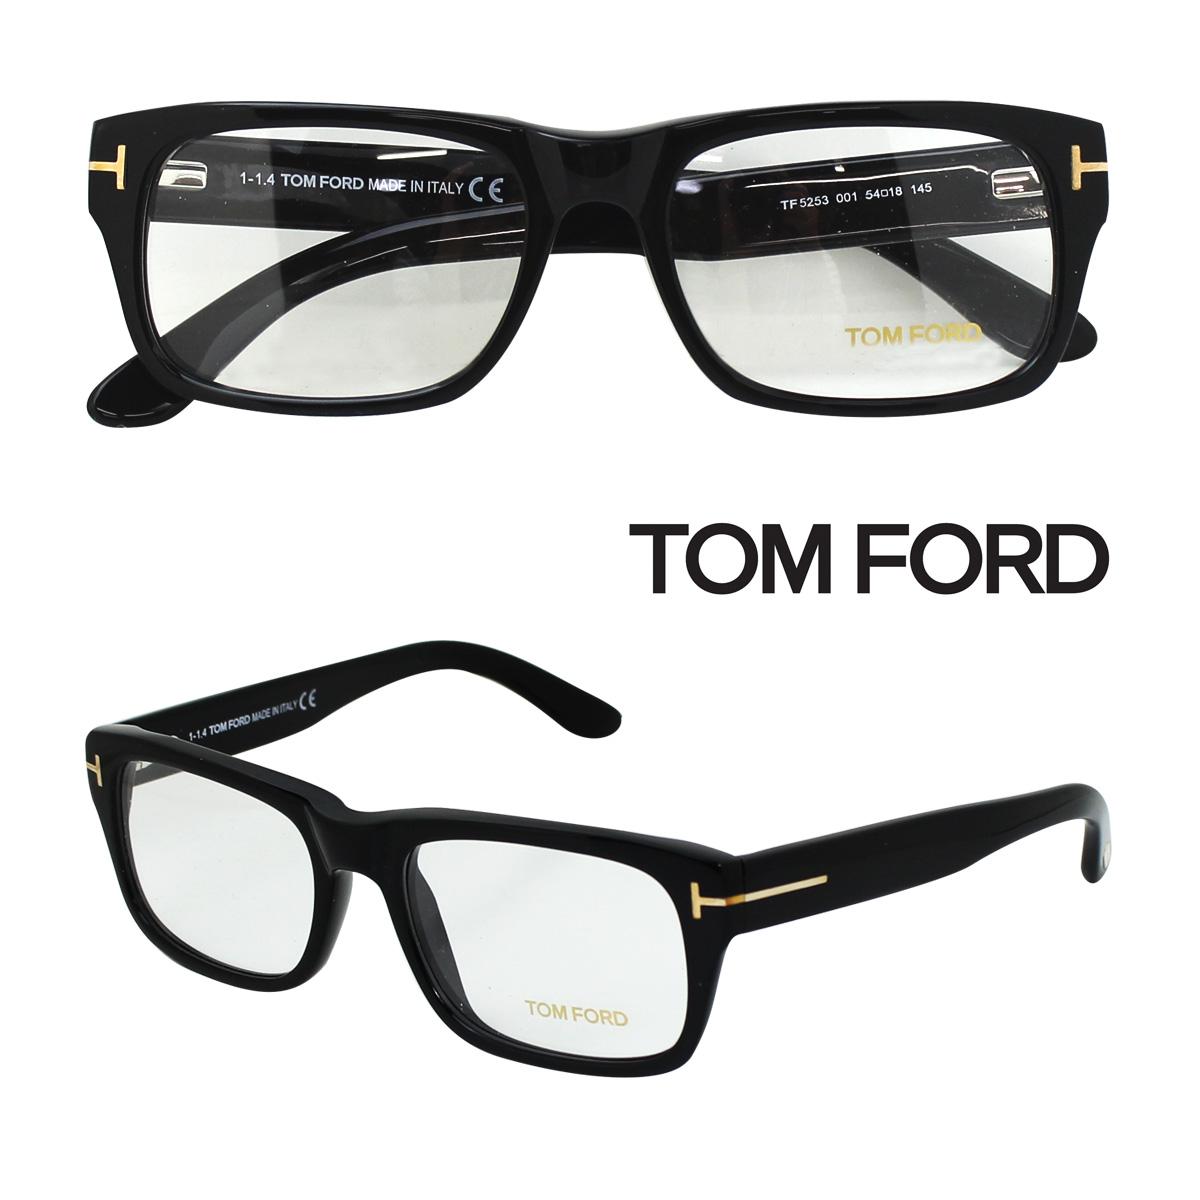 0921e9a0731a Tom Ford TOM FORD men s women s eyeglasses eyewear glasses  8 24 new in  stock